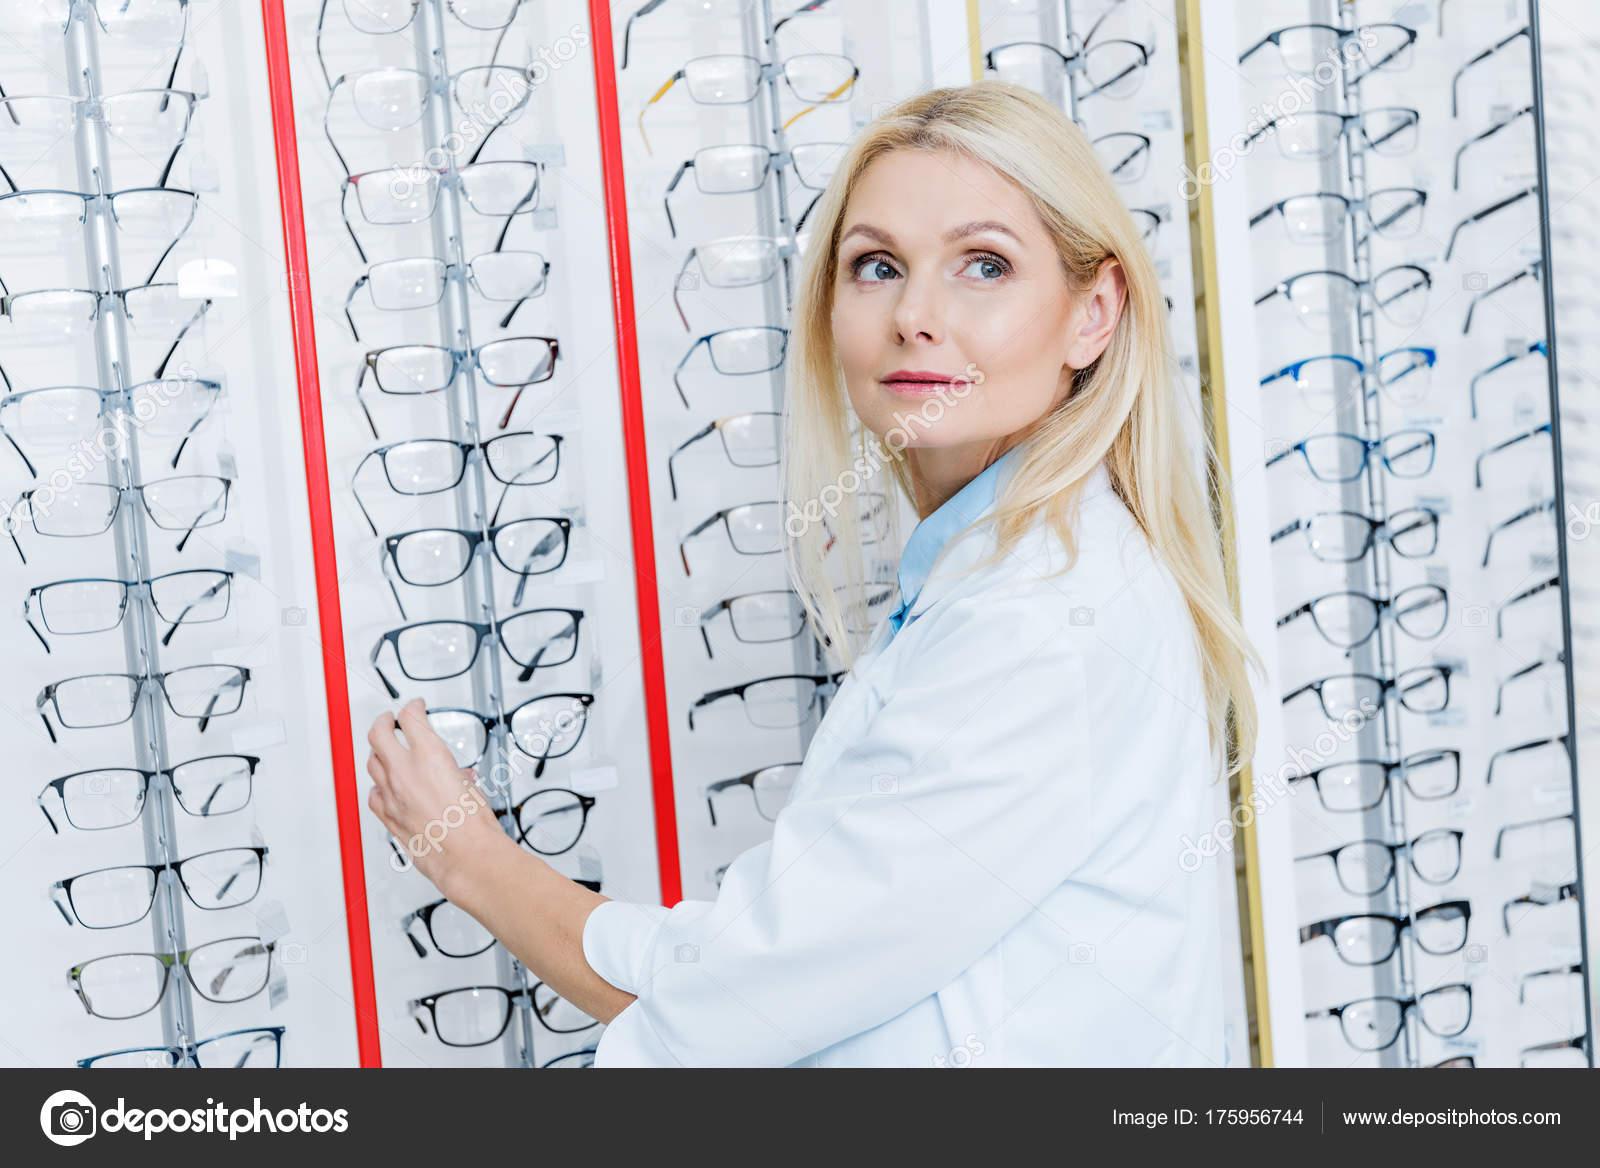 milyen jó átadni a látásodat különböző látás különböző szemekben